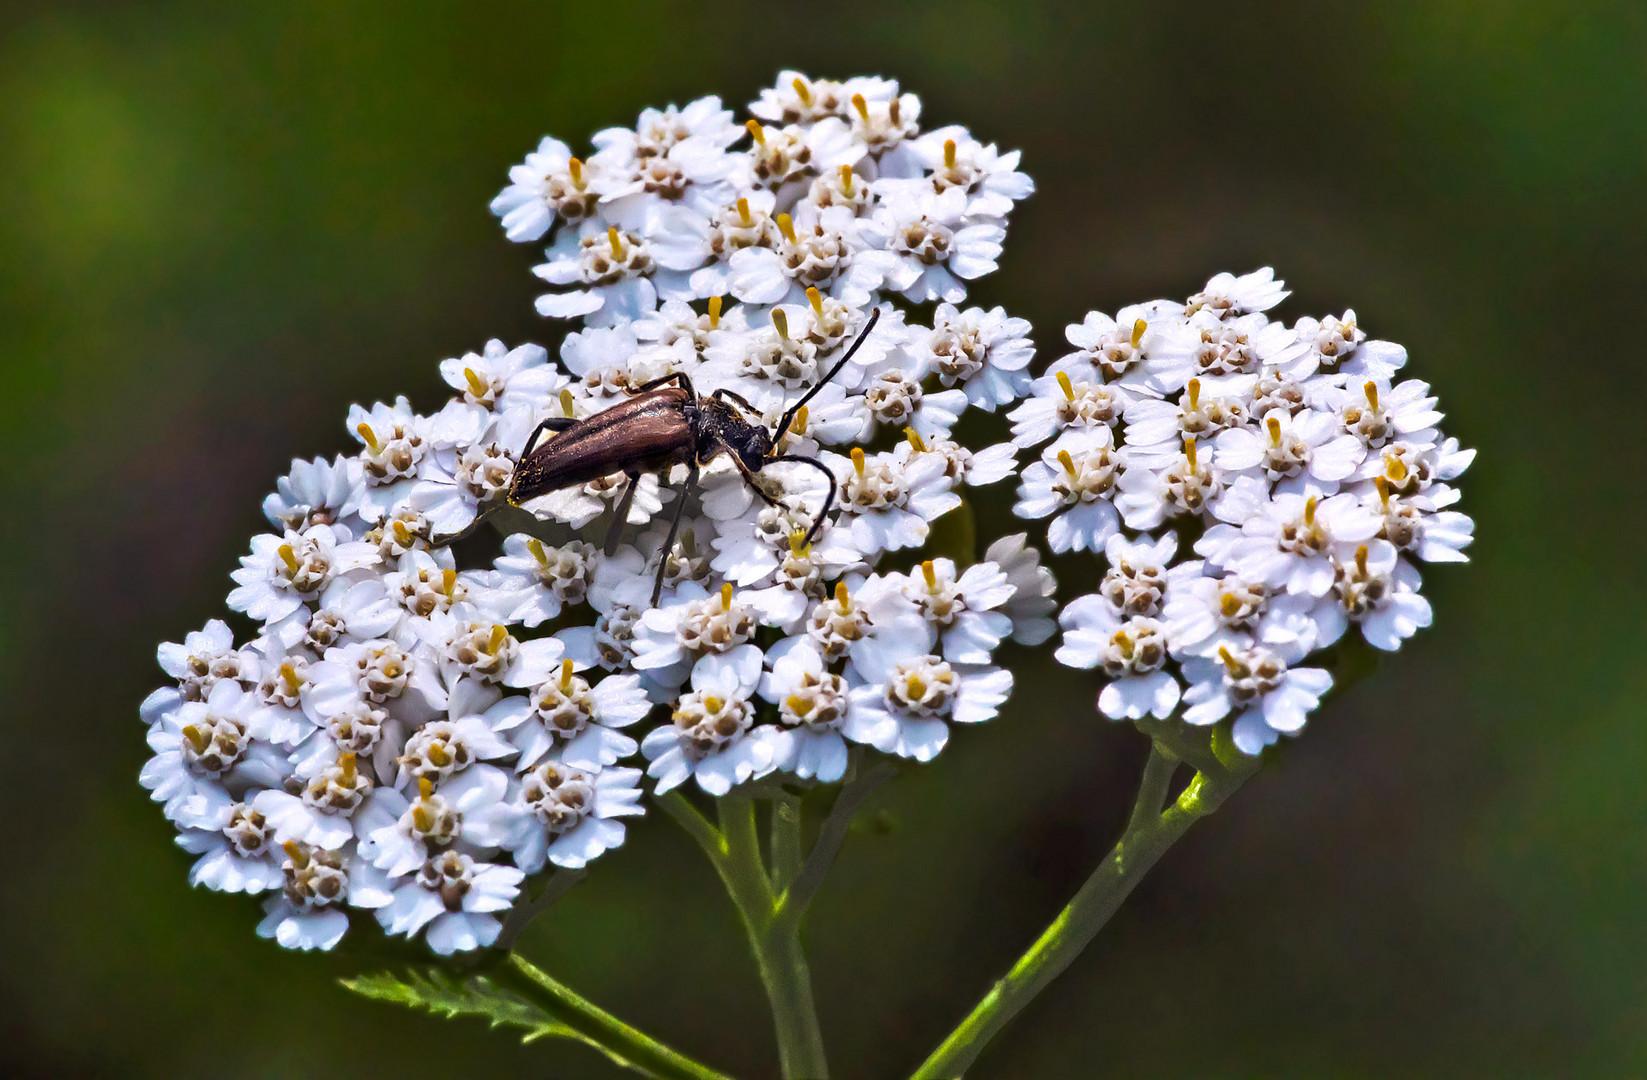 Kleiner Bockkäfer auf einer weißen Blütendolde